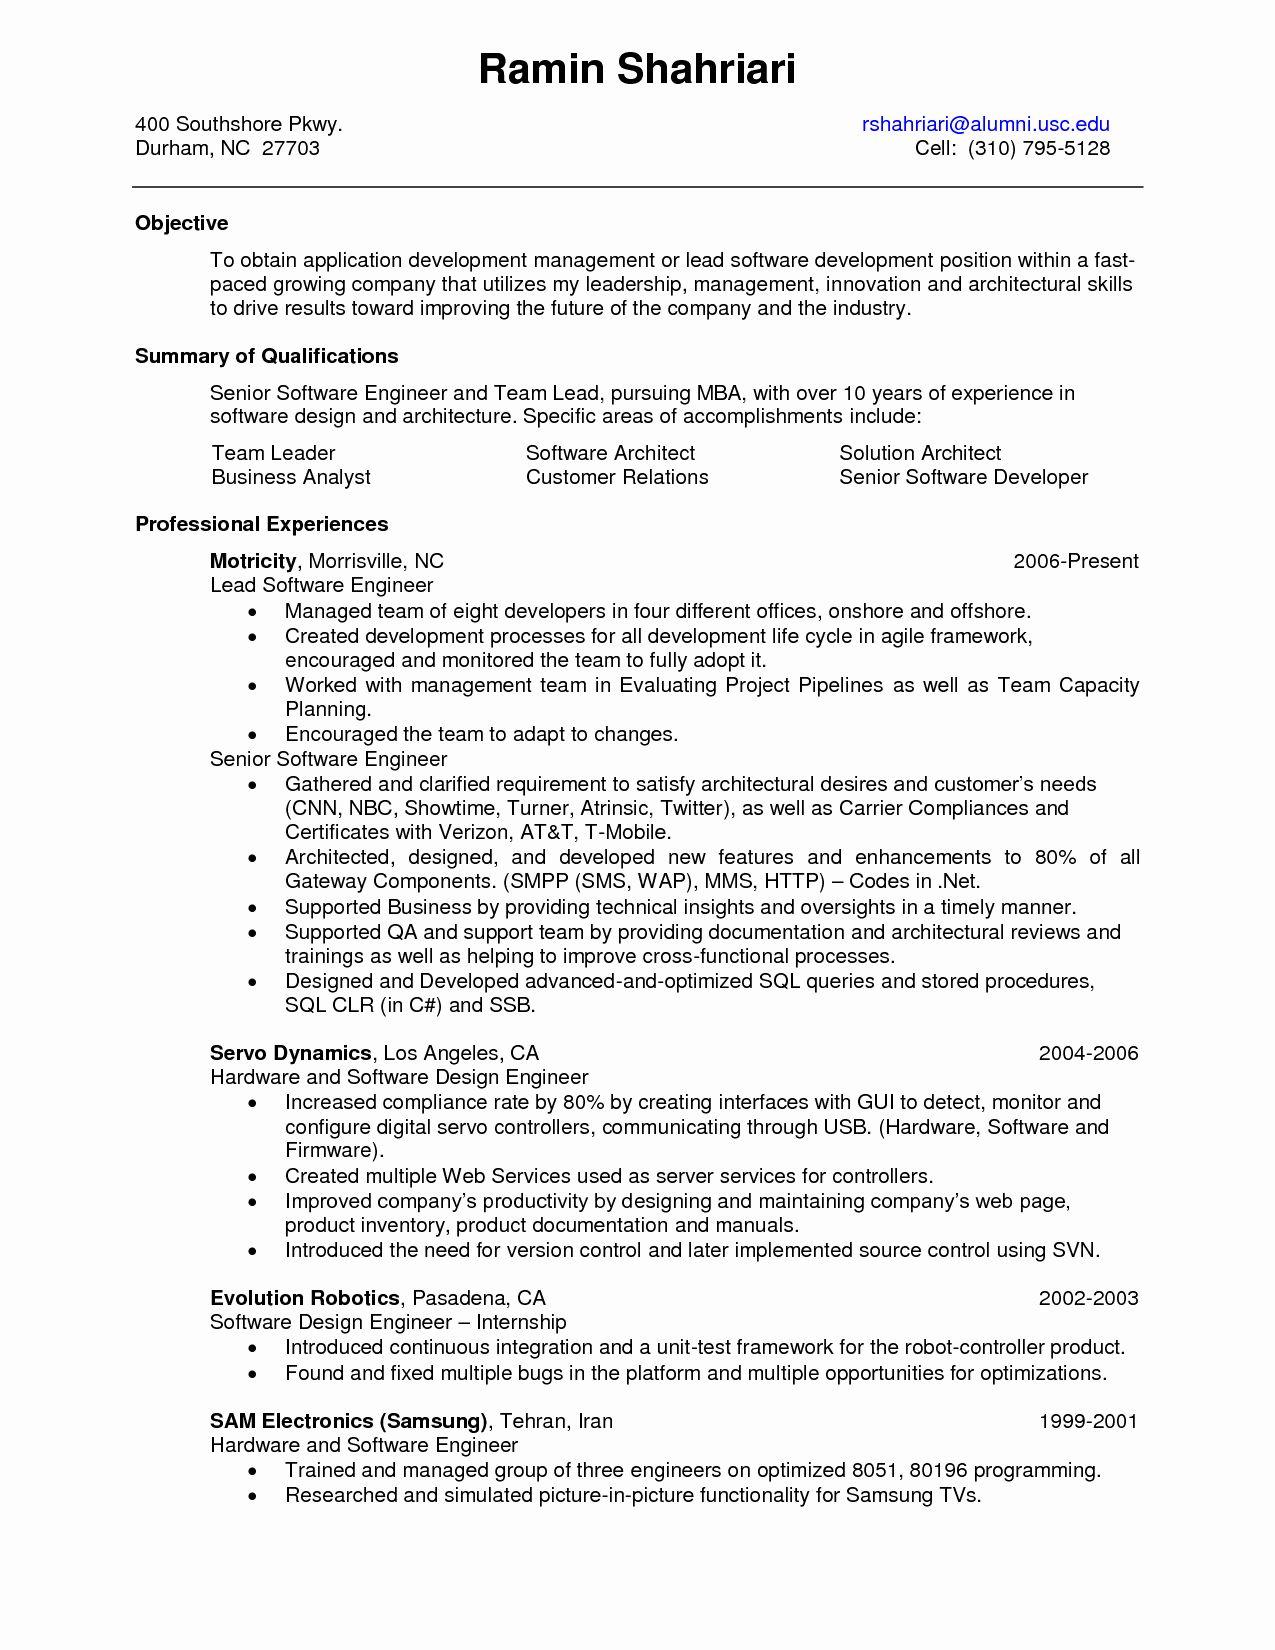 Quality Engineer Resume Keywords - BEST RESUME EXAMPLES